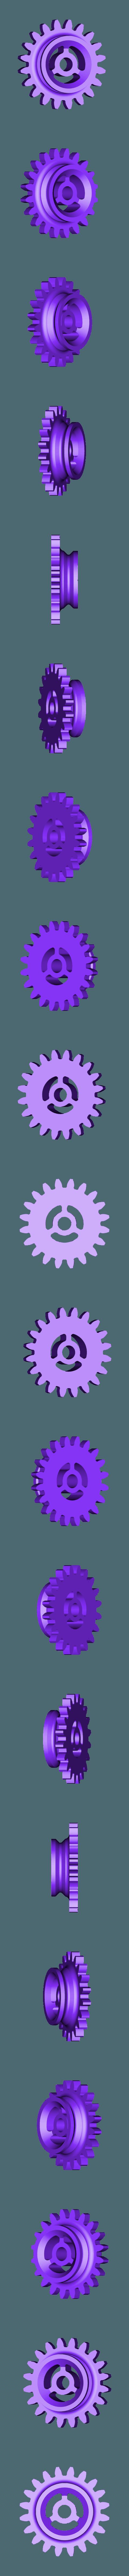 Gears_1to2.stl Télécharger fichier STL gratuit Moteur pneumatique radial simple • Modèle pour imprimante 3D, Slava_Z